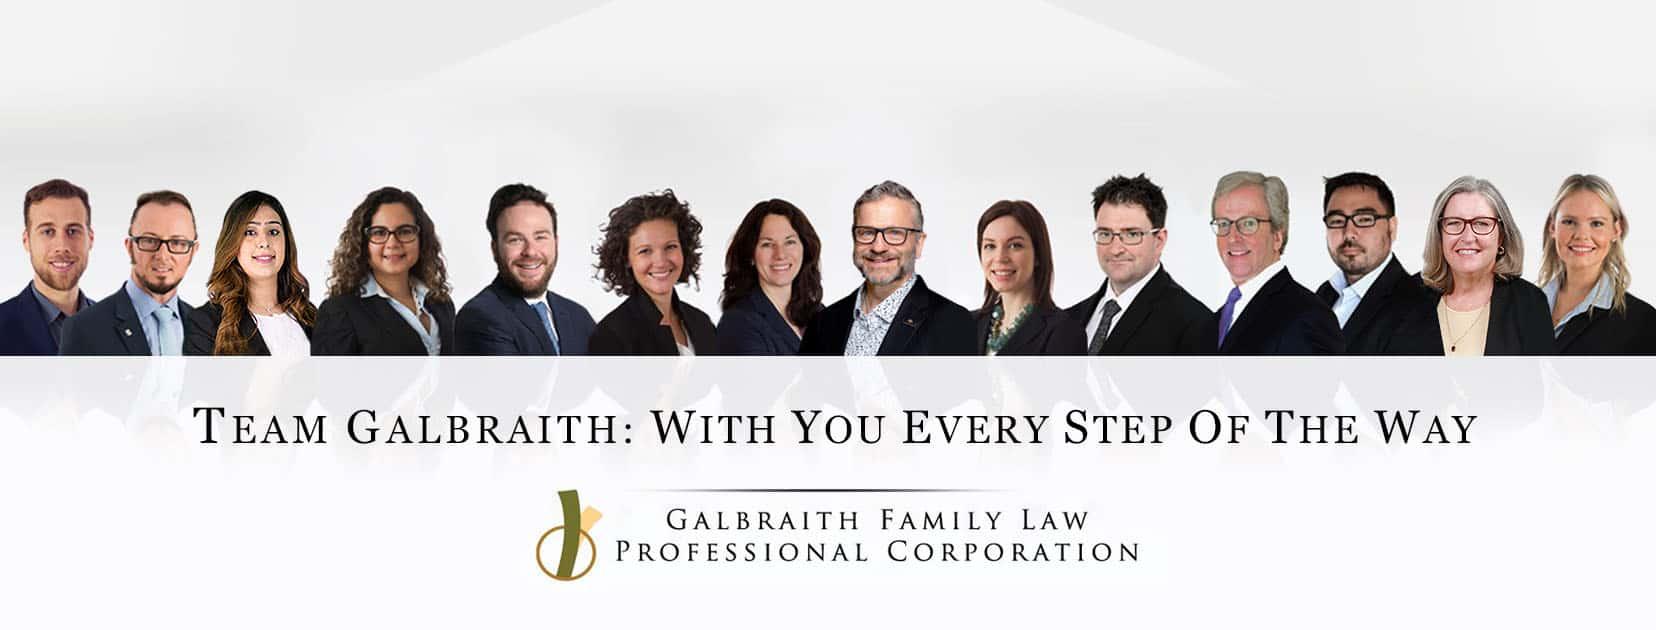 Galbraith Family Divorce Lawyers - Galbraith Family Law